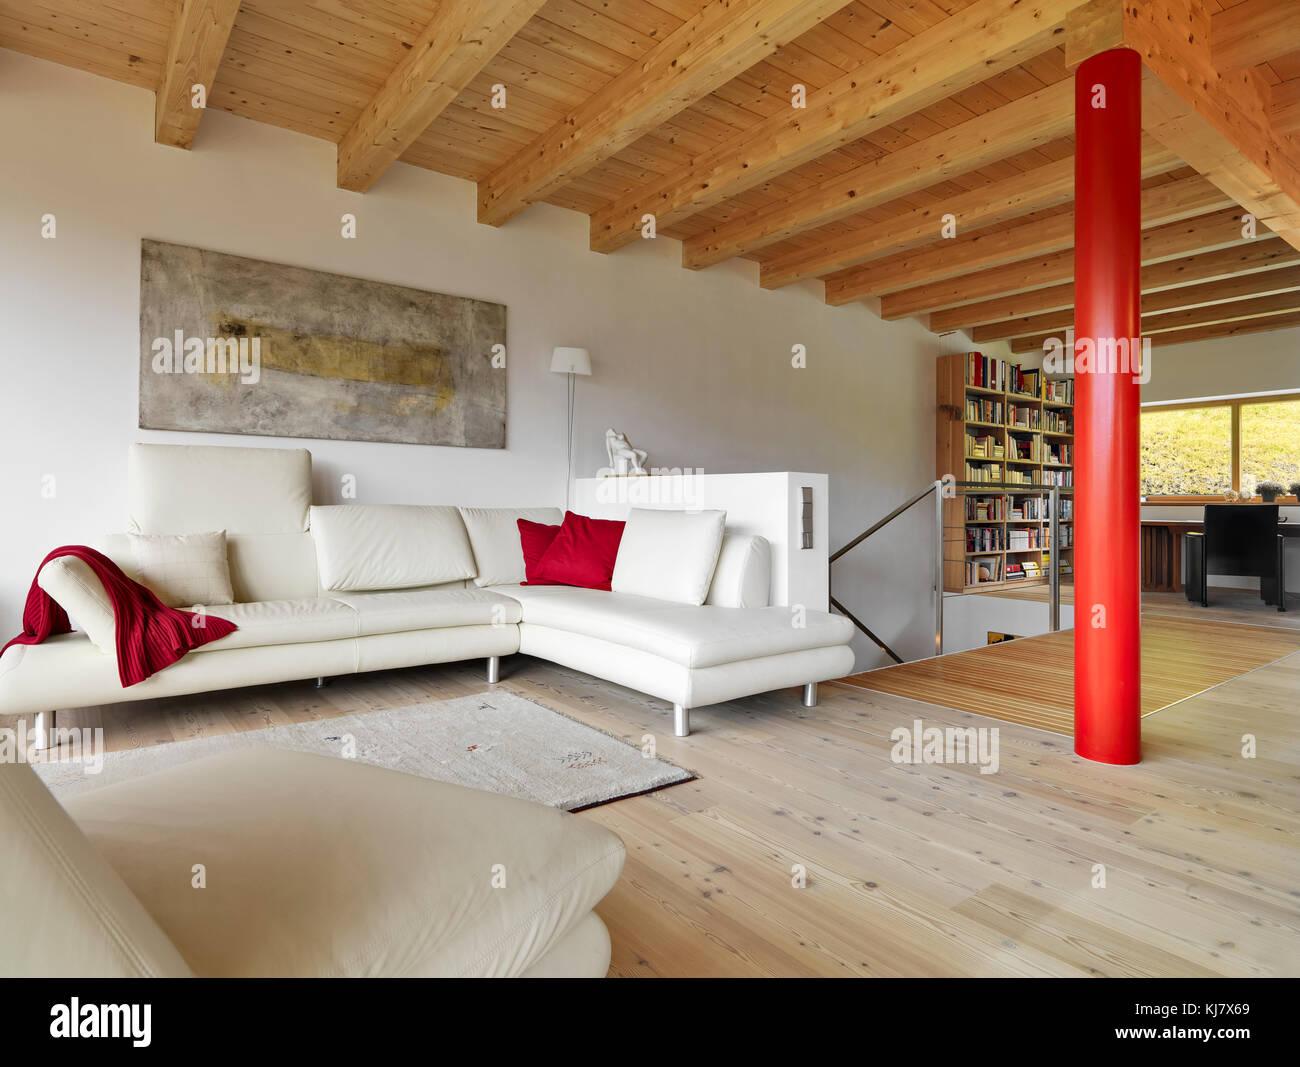 Soffitti In Legno Moderni : Illuminazione travi legno happycinzia